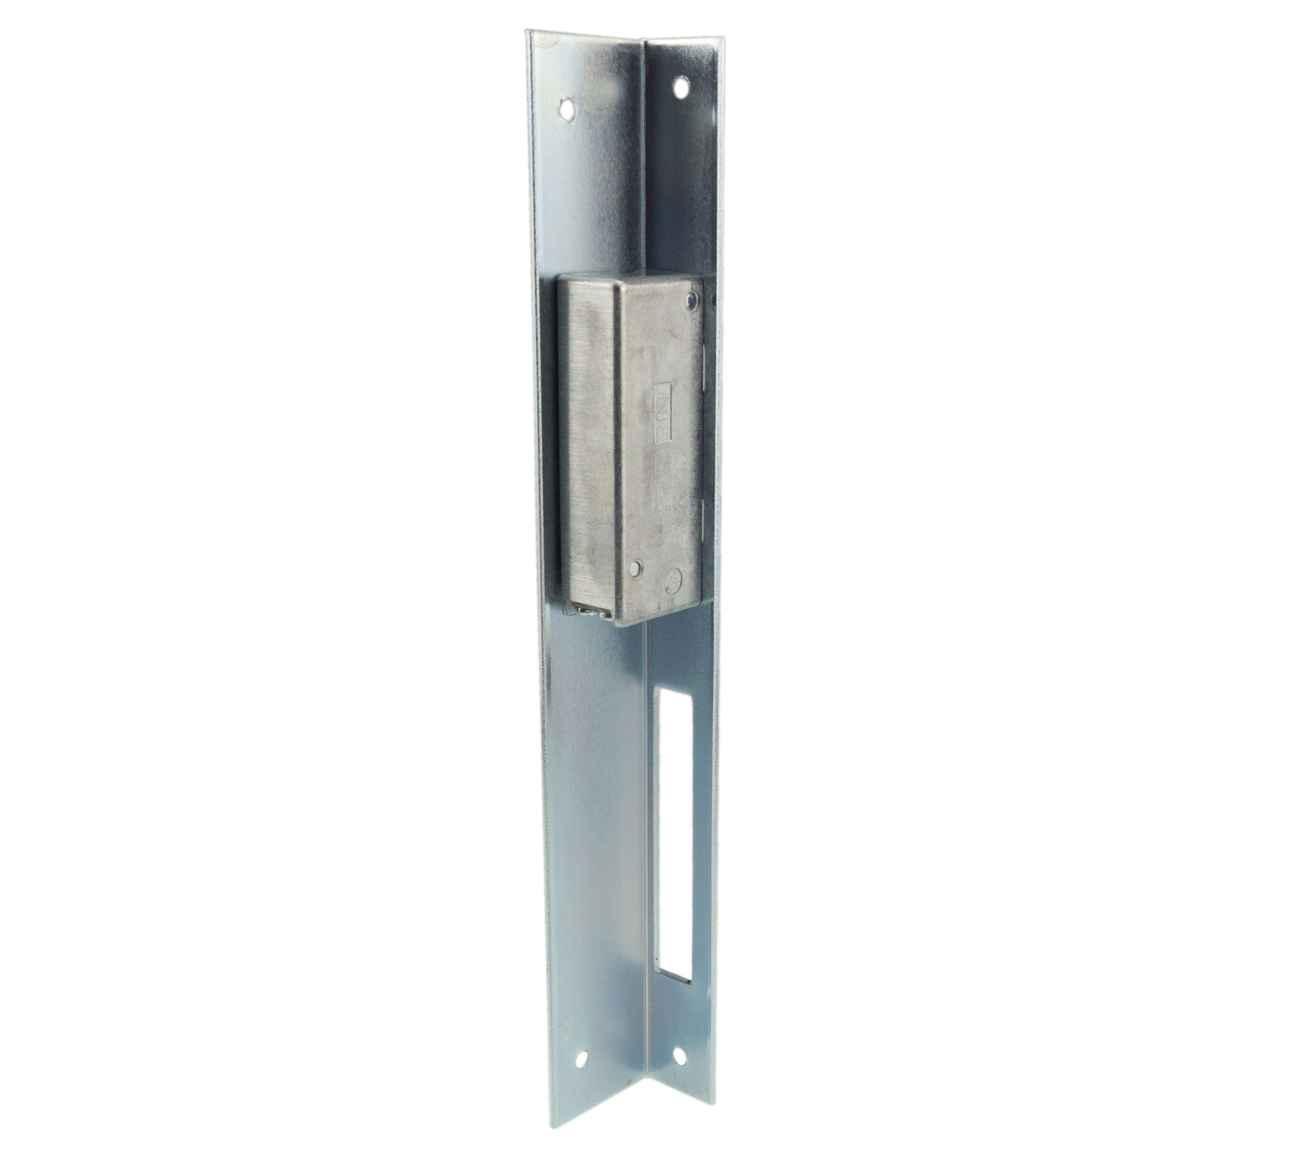 Elektrischer Türöffner Peso 351 L mit Winkelblech Links, 6 - 12 Volt – Bild 3